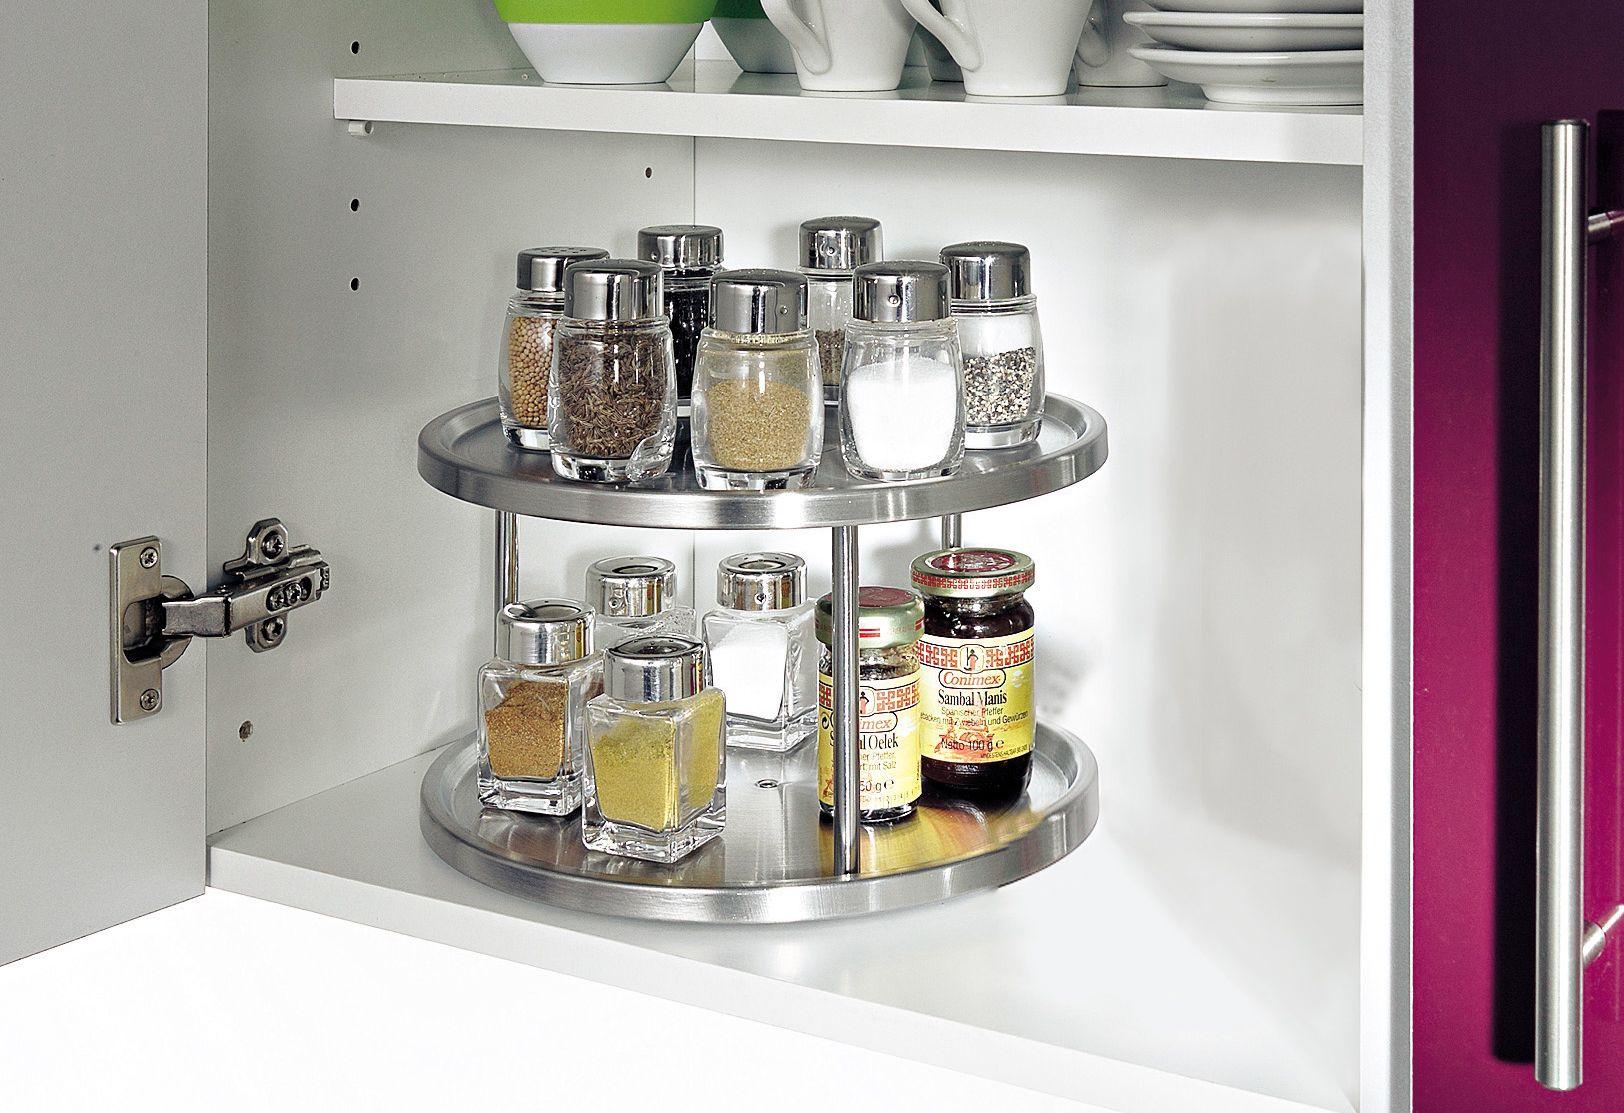 Küchenkarussel »Structura« günstig kaufen BAUR Online